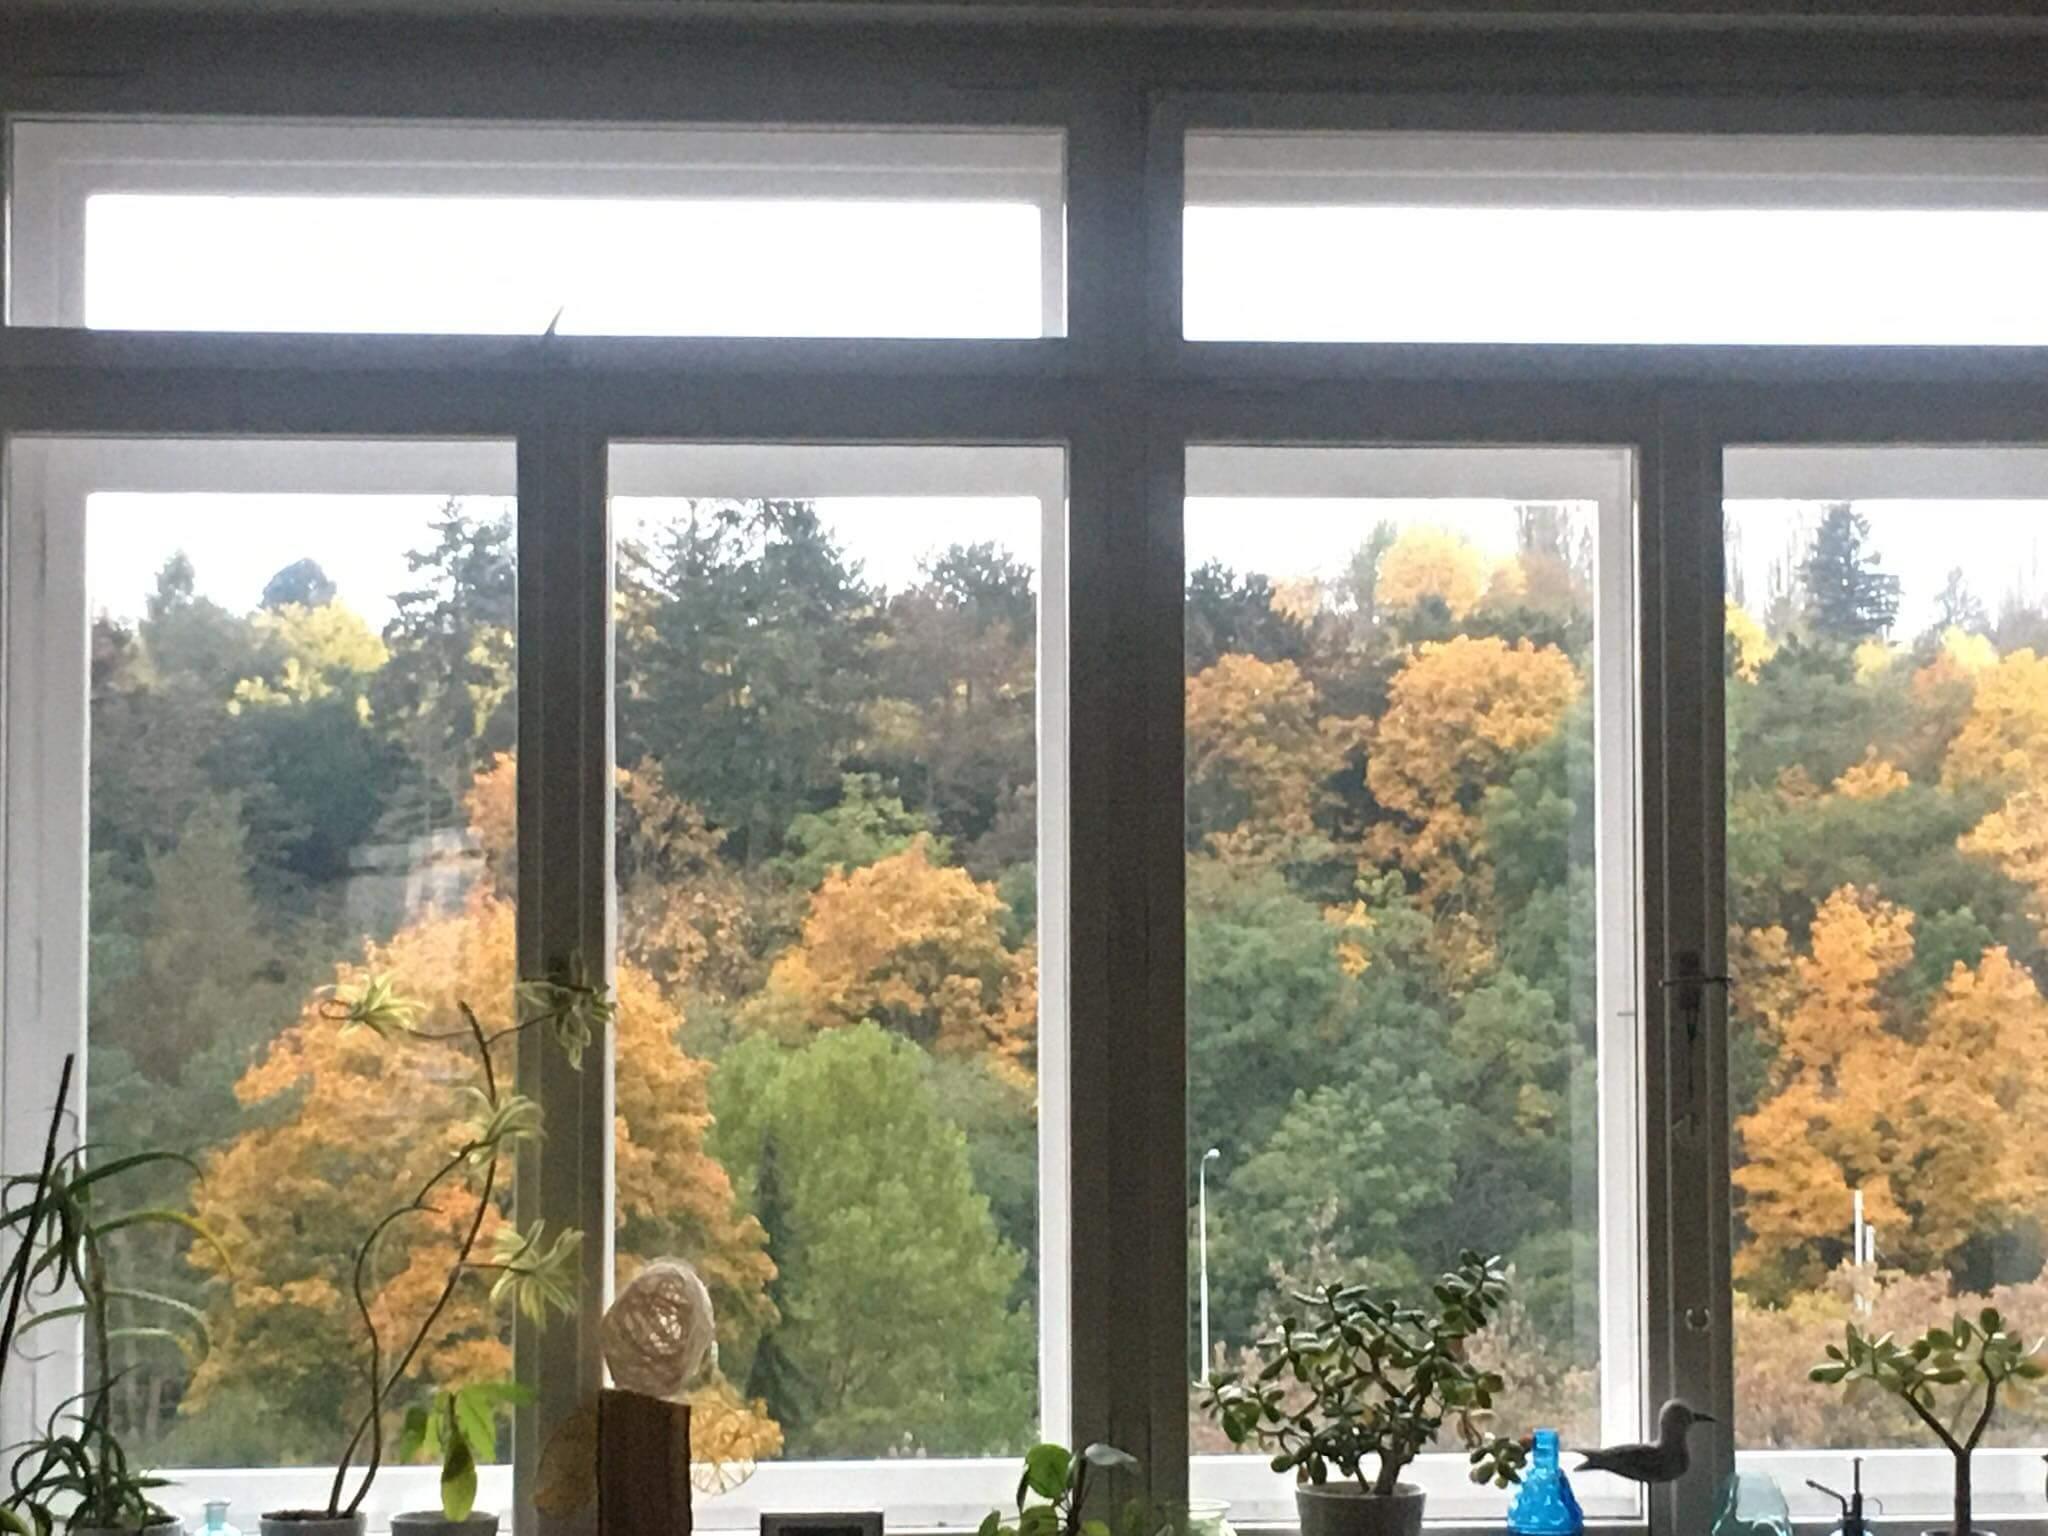 (výhled z okna při podzimní home office, foto AV)